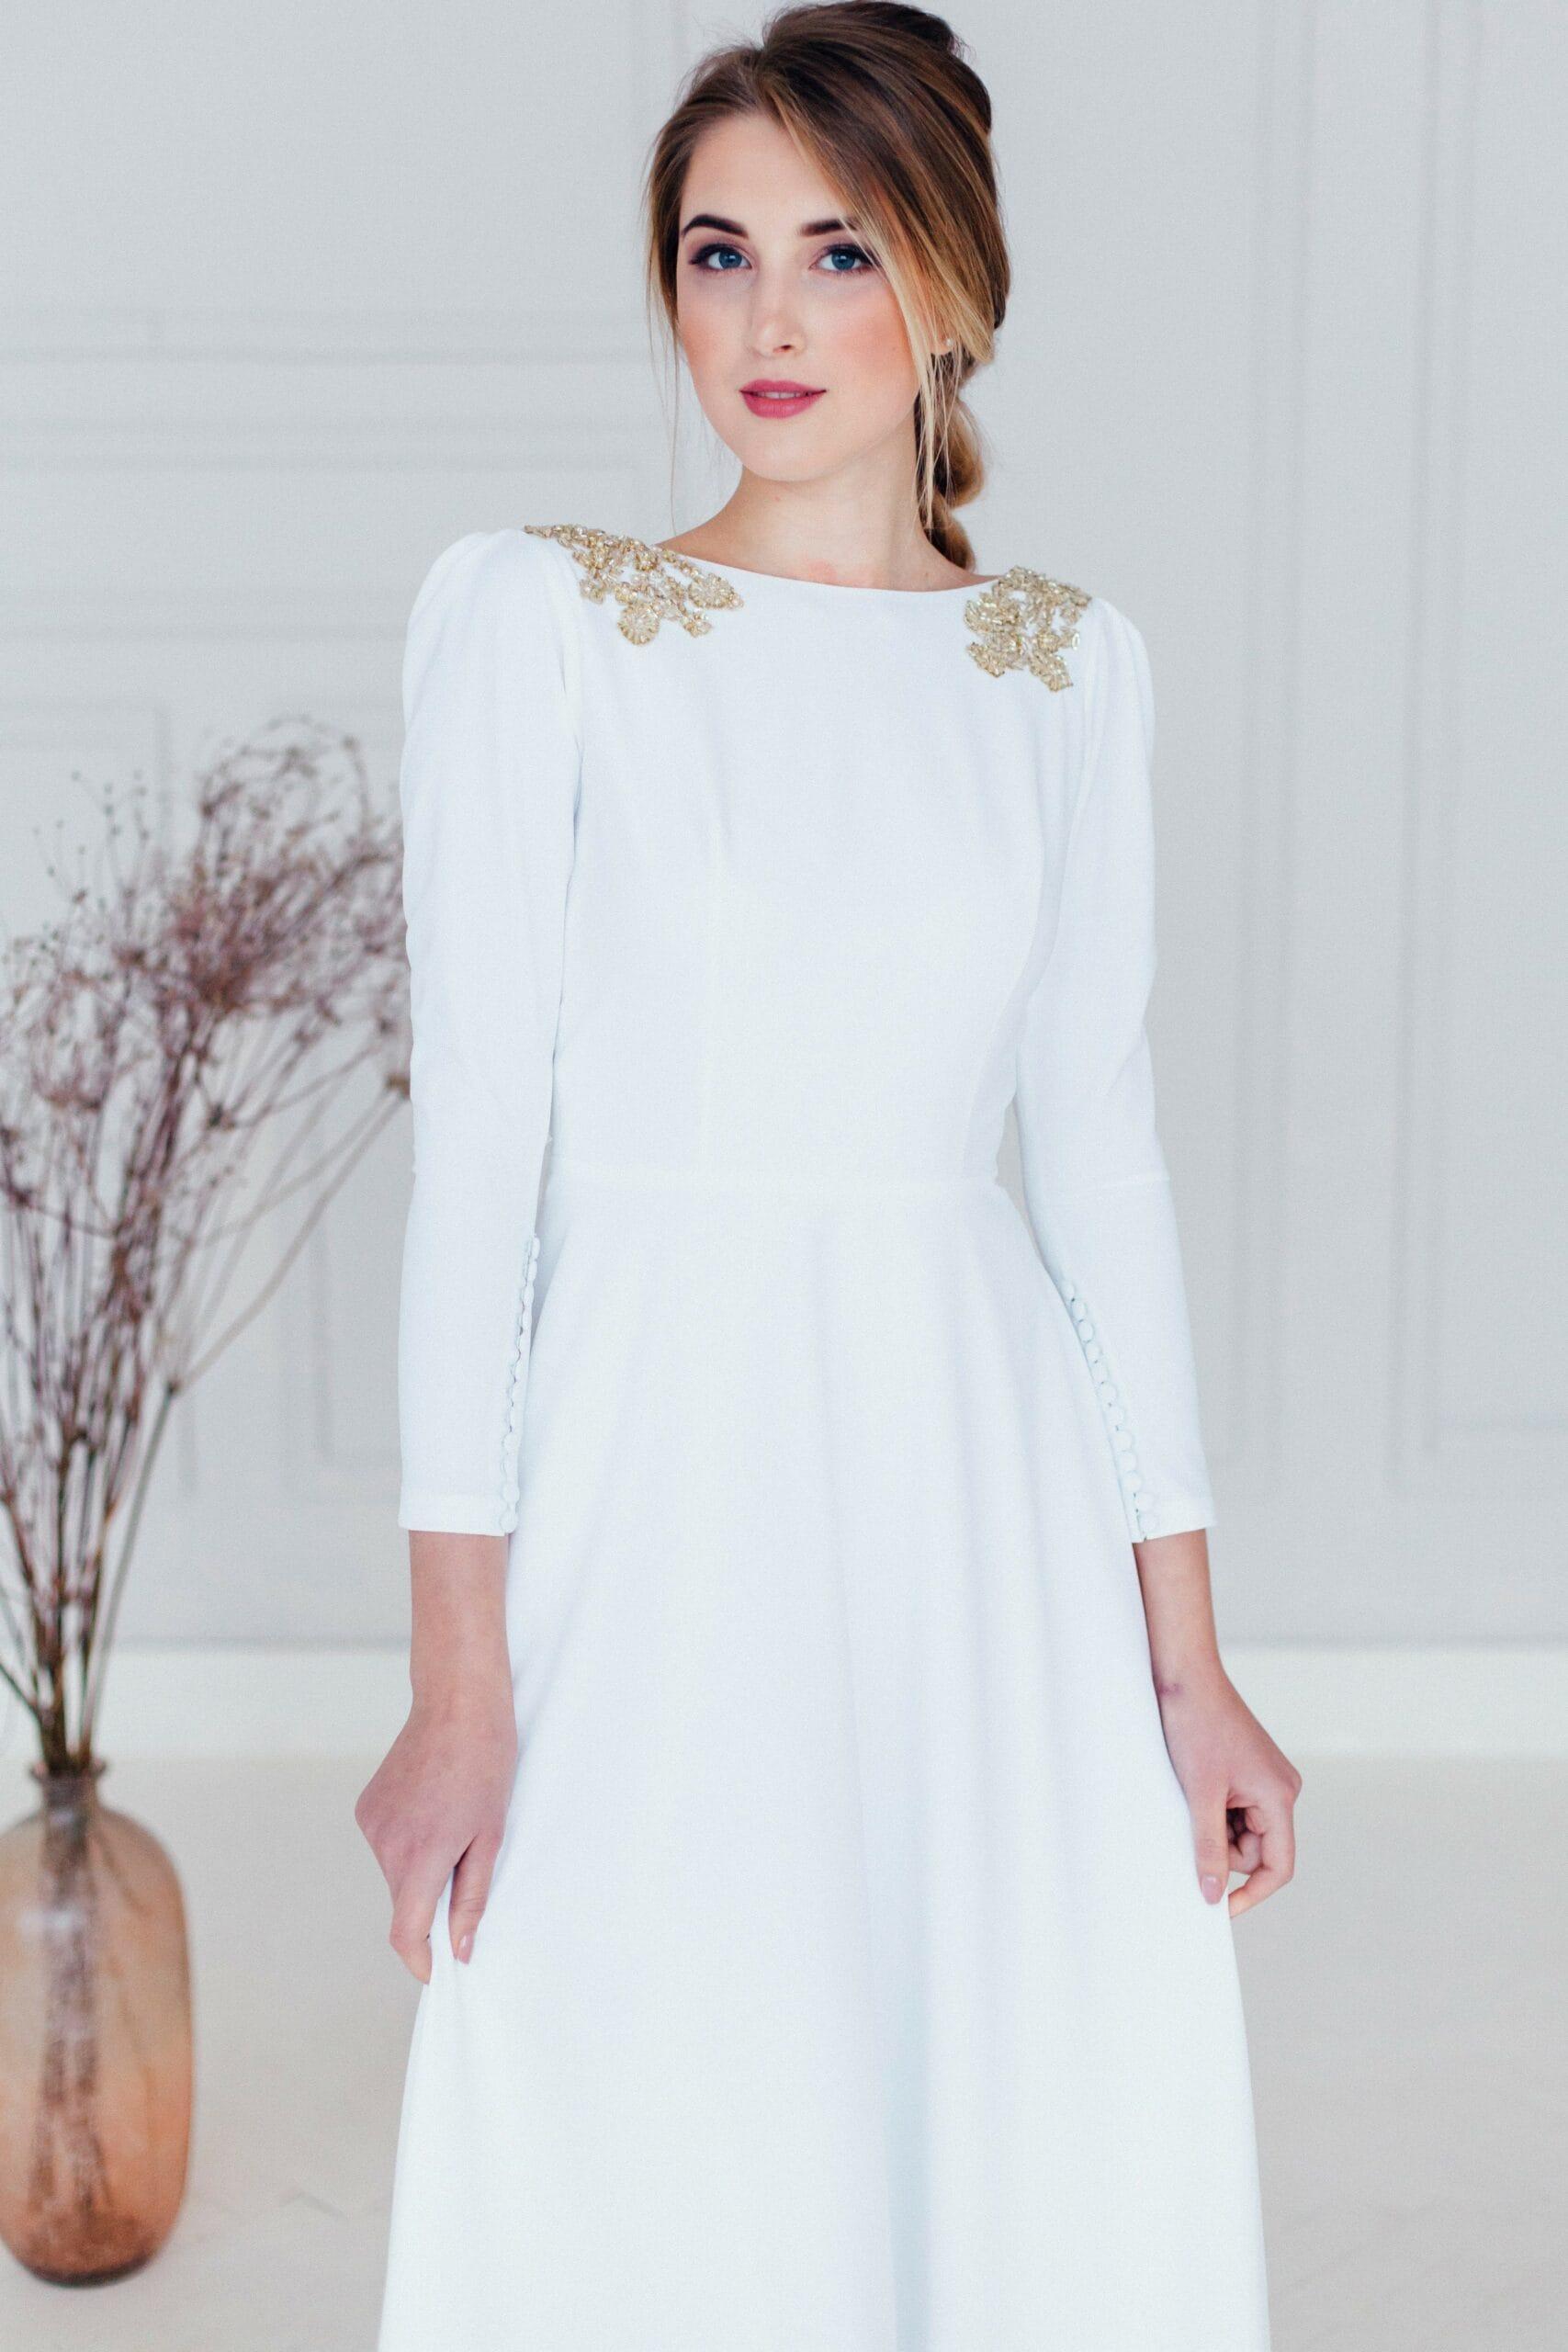 Свадебное платье AZUMI, коллекция REFINED ELEGANCE, бренд OKA NOMO, фото 2